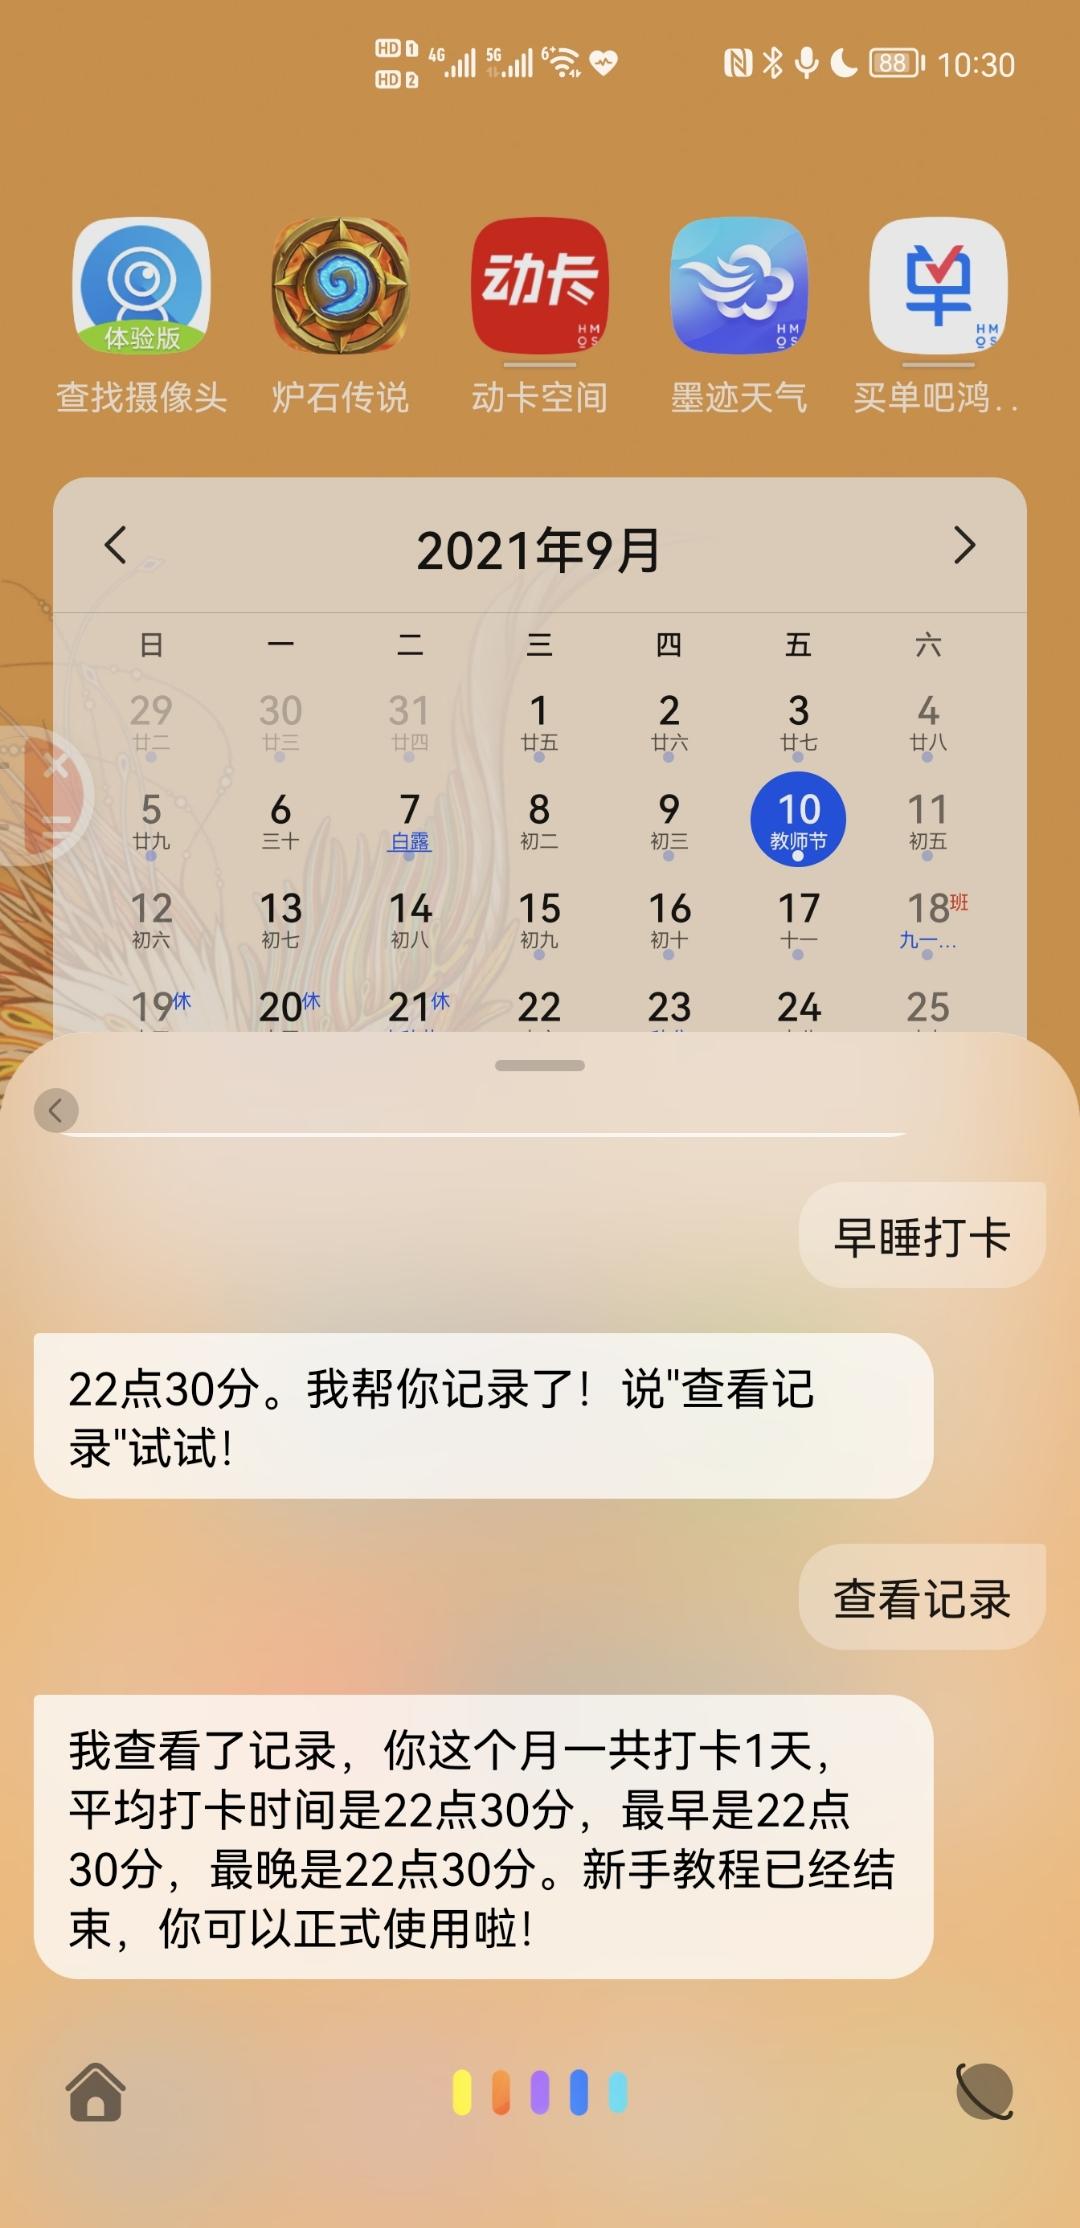 Screenshot_20210910_223031_com.huawei.android.launcher.jpg